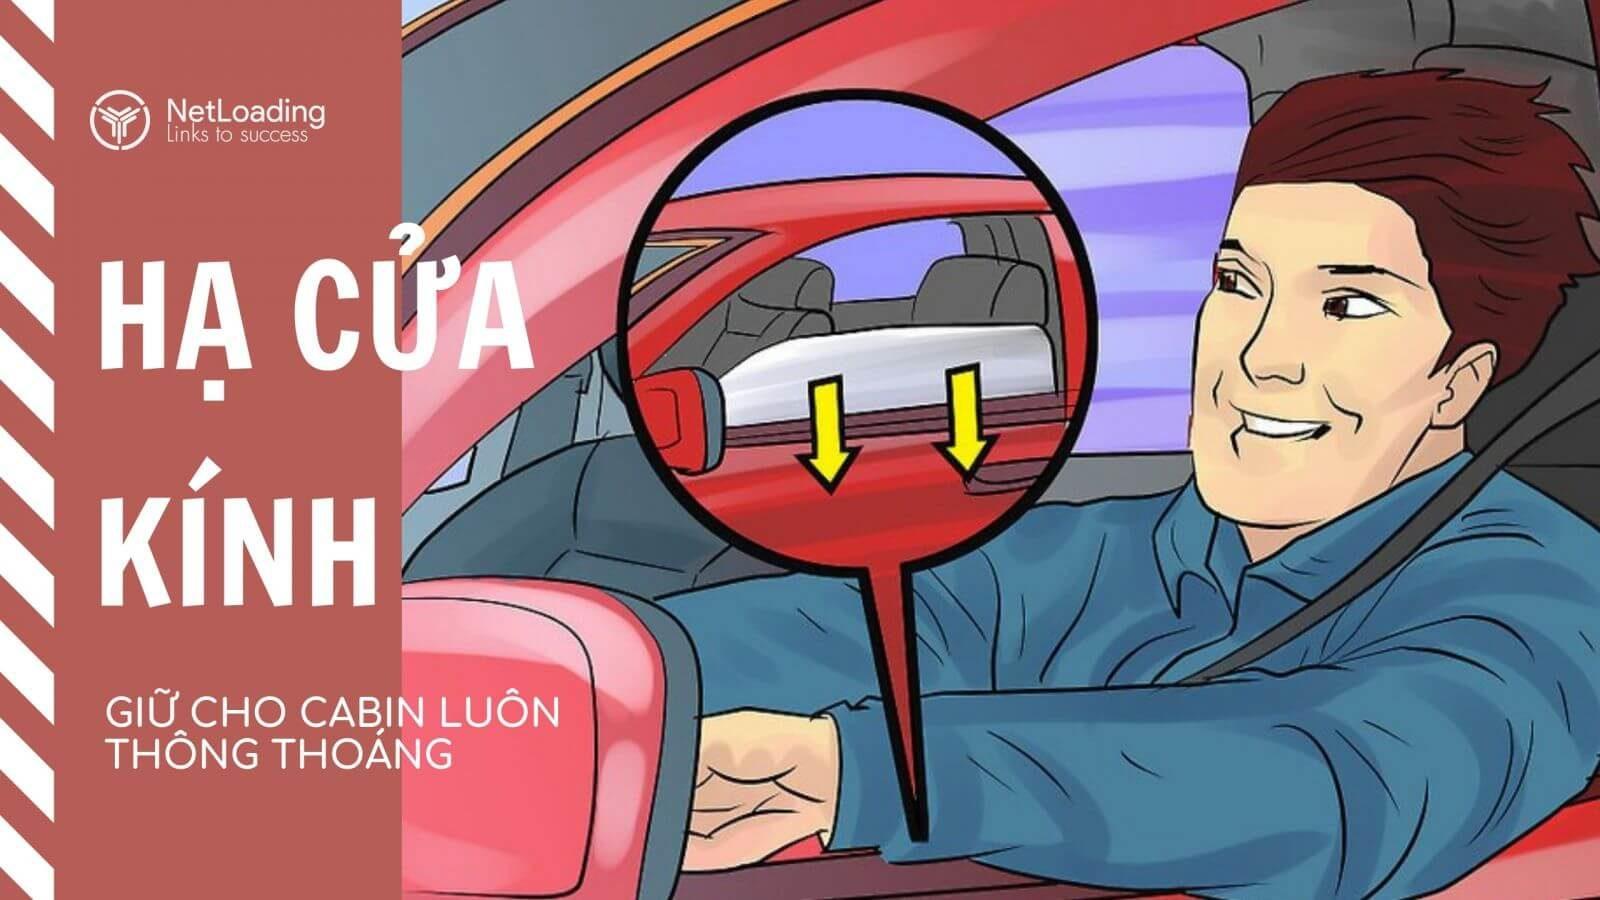 11 Cách chống ngủ gật tốt nhất khi lái xe đường dài